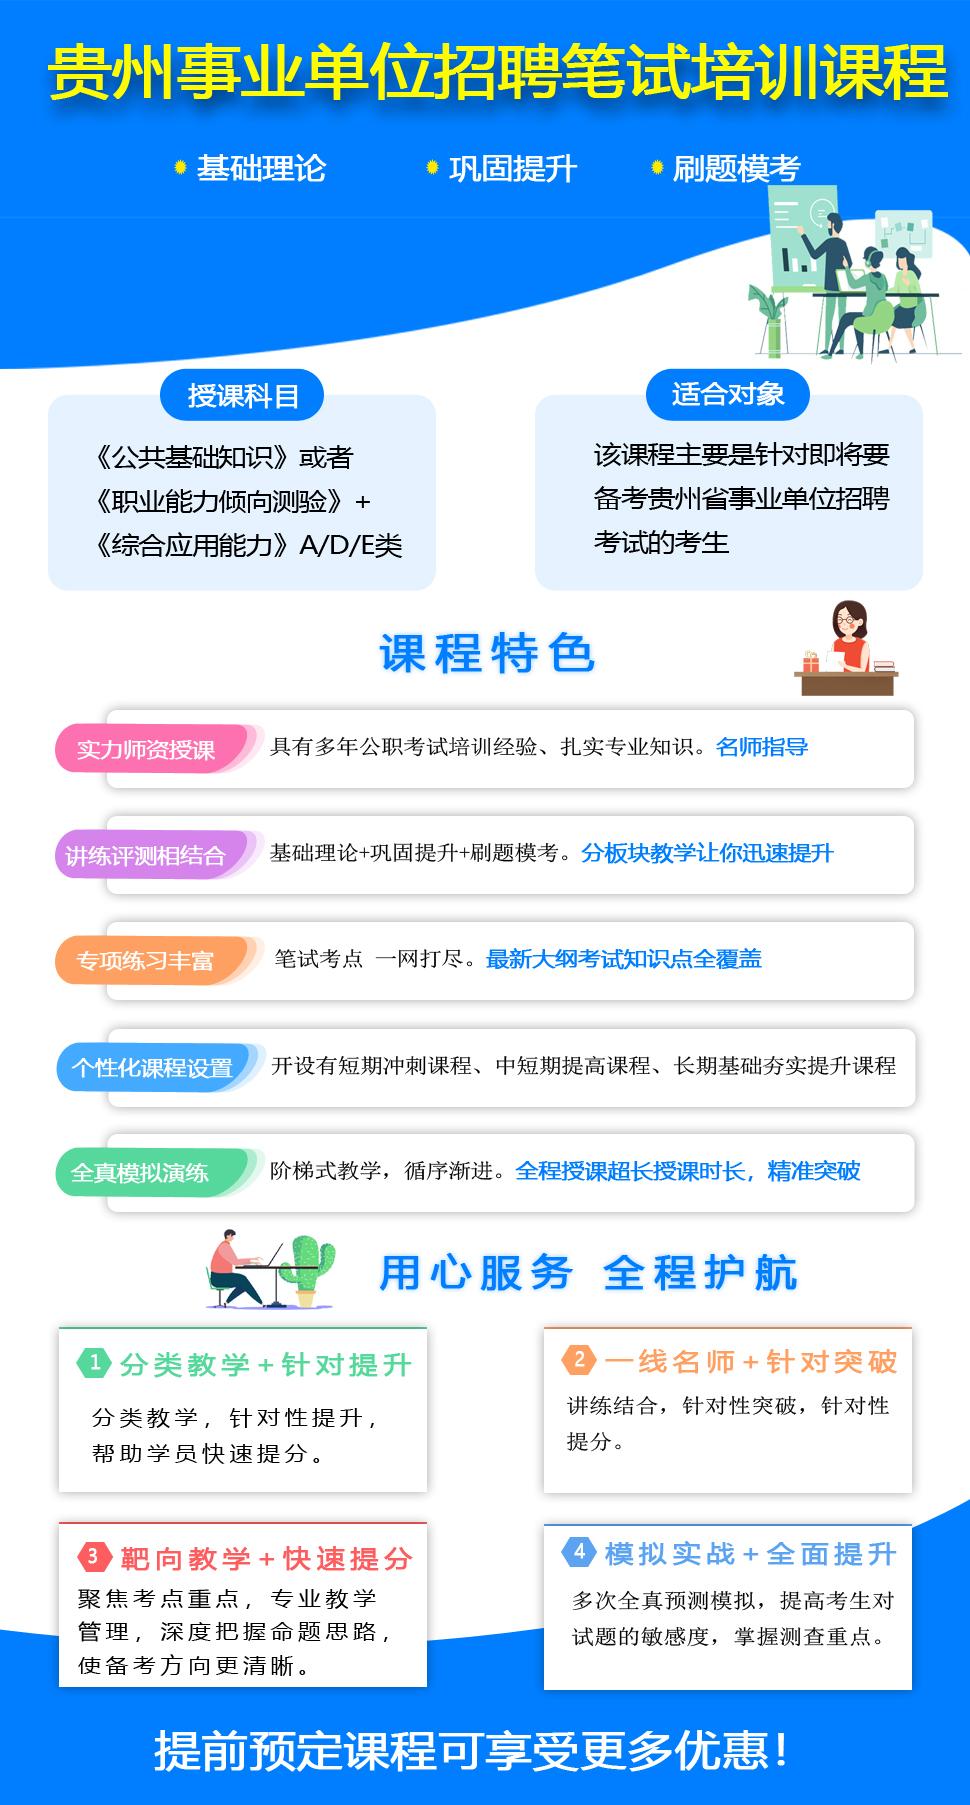 2021年贵州省事业单位招聘笔试培训课程